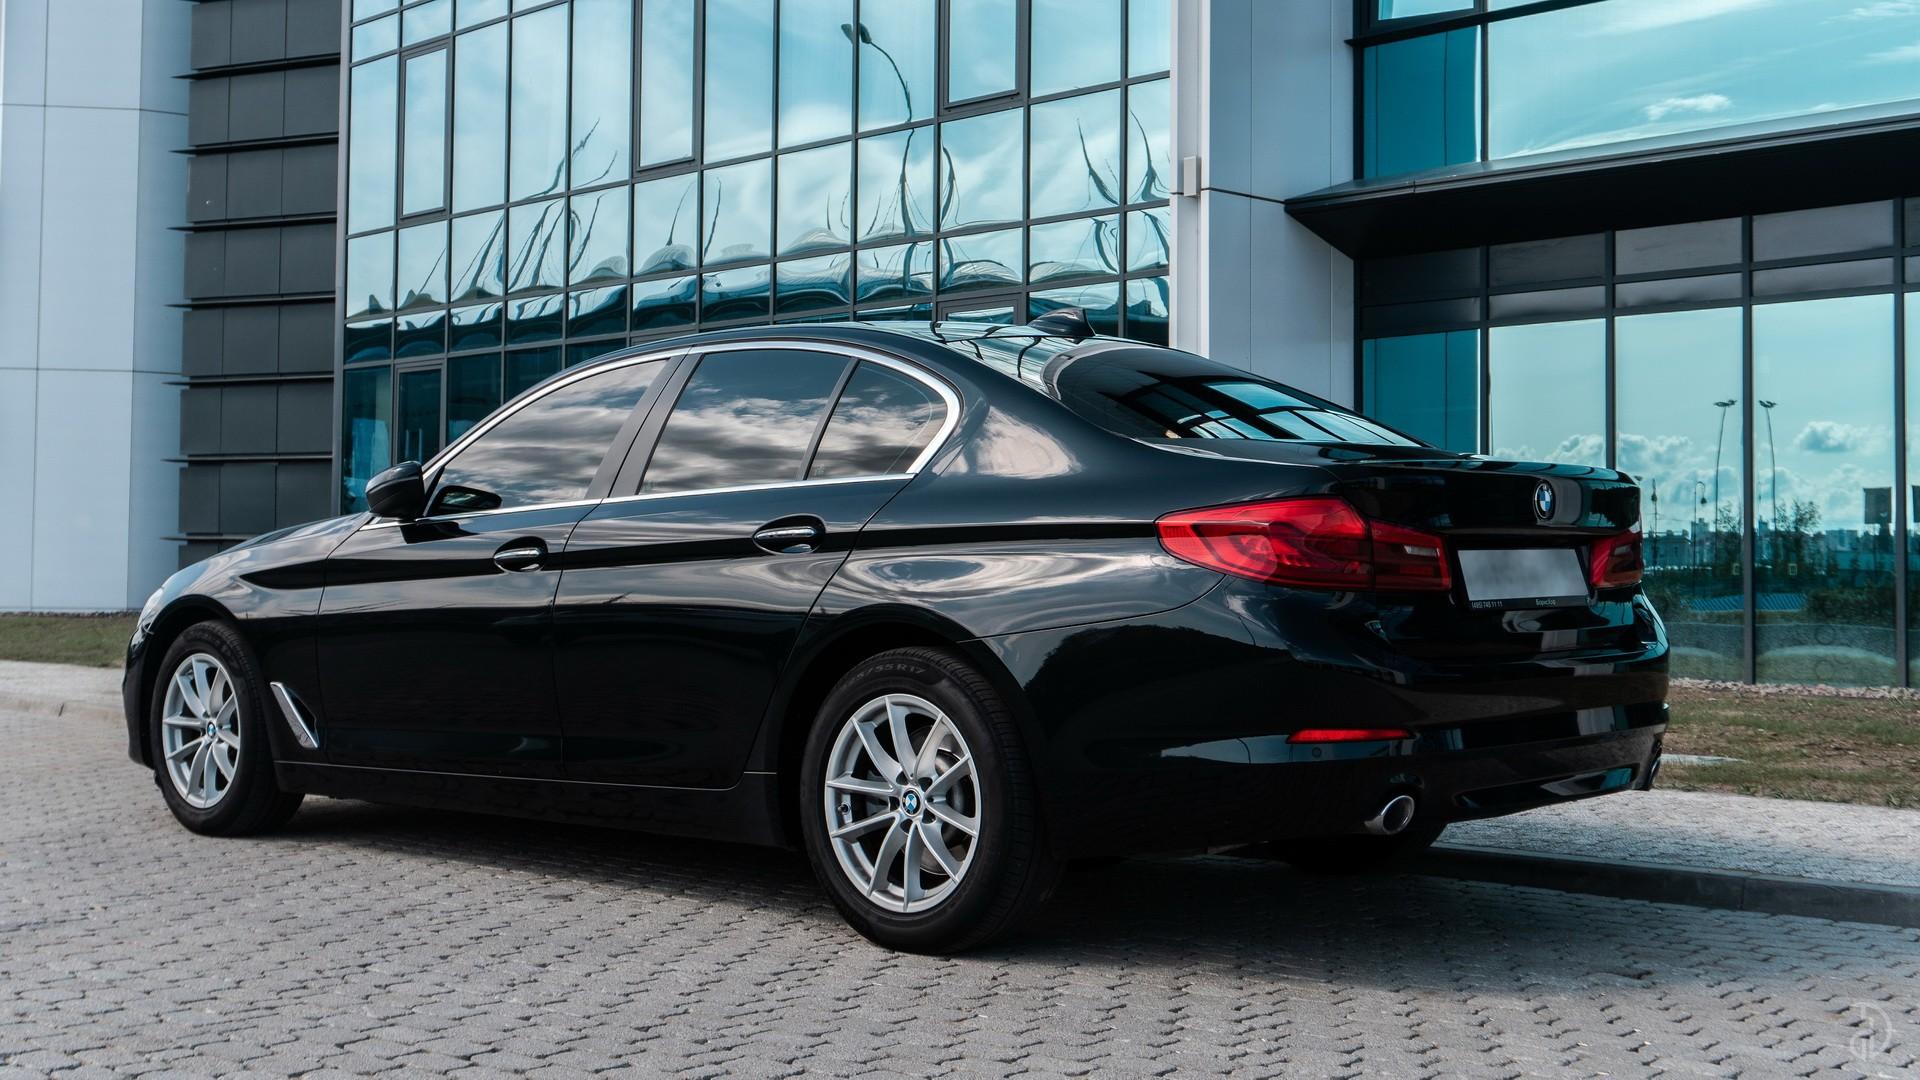 Аренда BMW 520d G30 в Москве. Фото 3